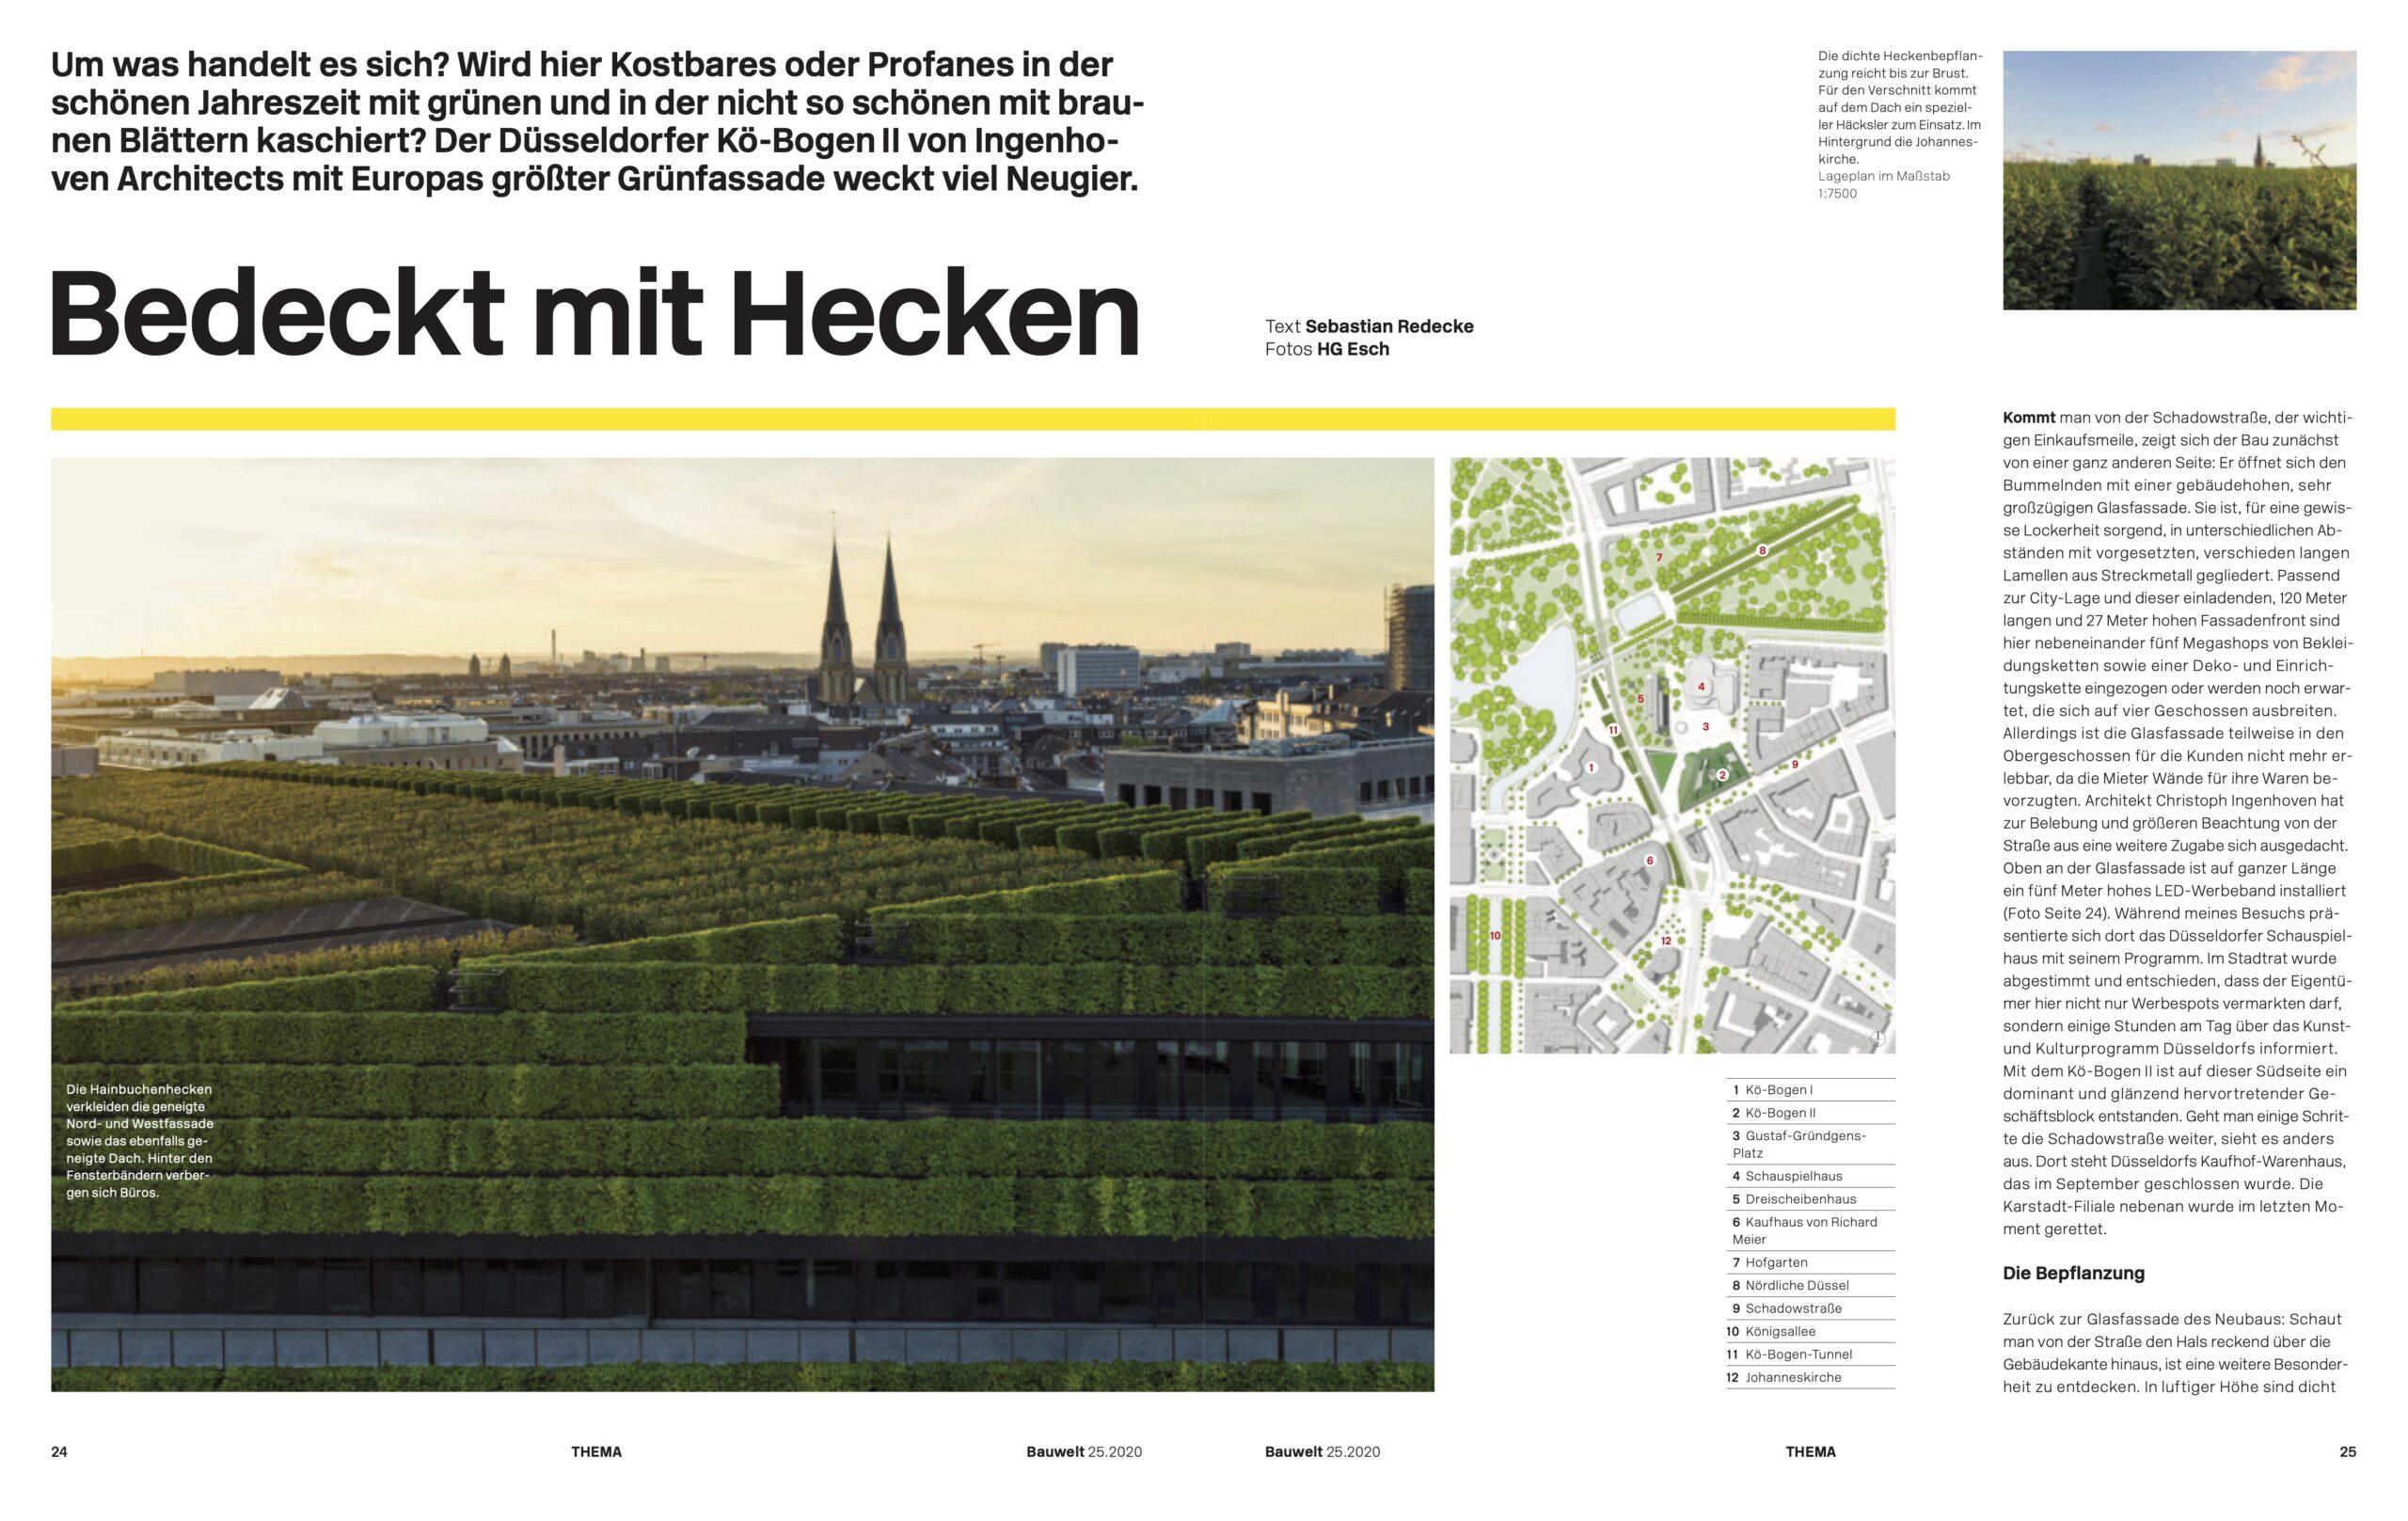 Der Düsseldorfer Kö-Bogen II von Ingenhoven Architects mit Europas größter Grünfassade